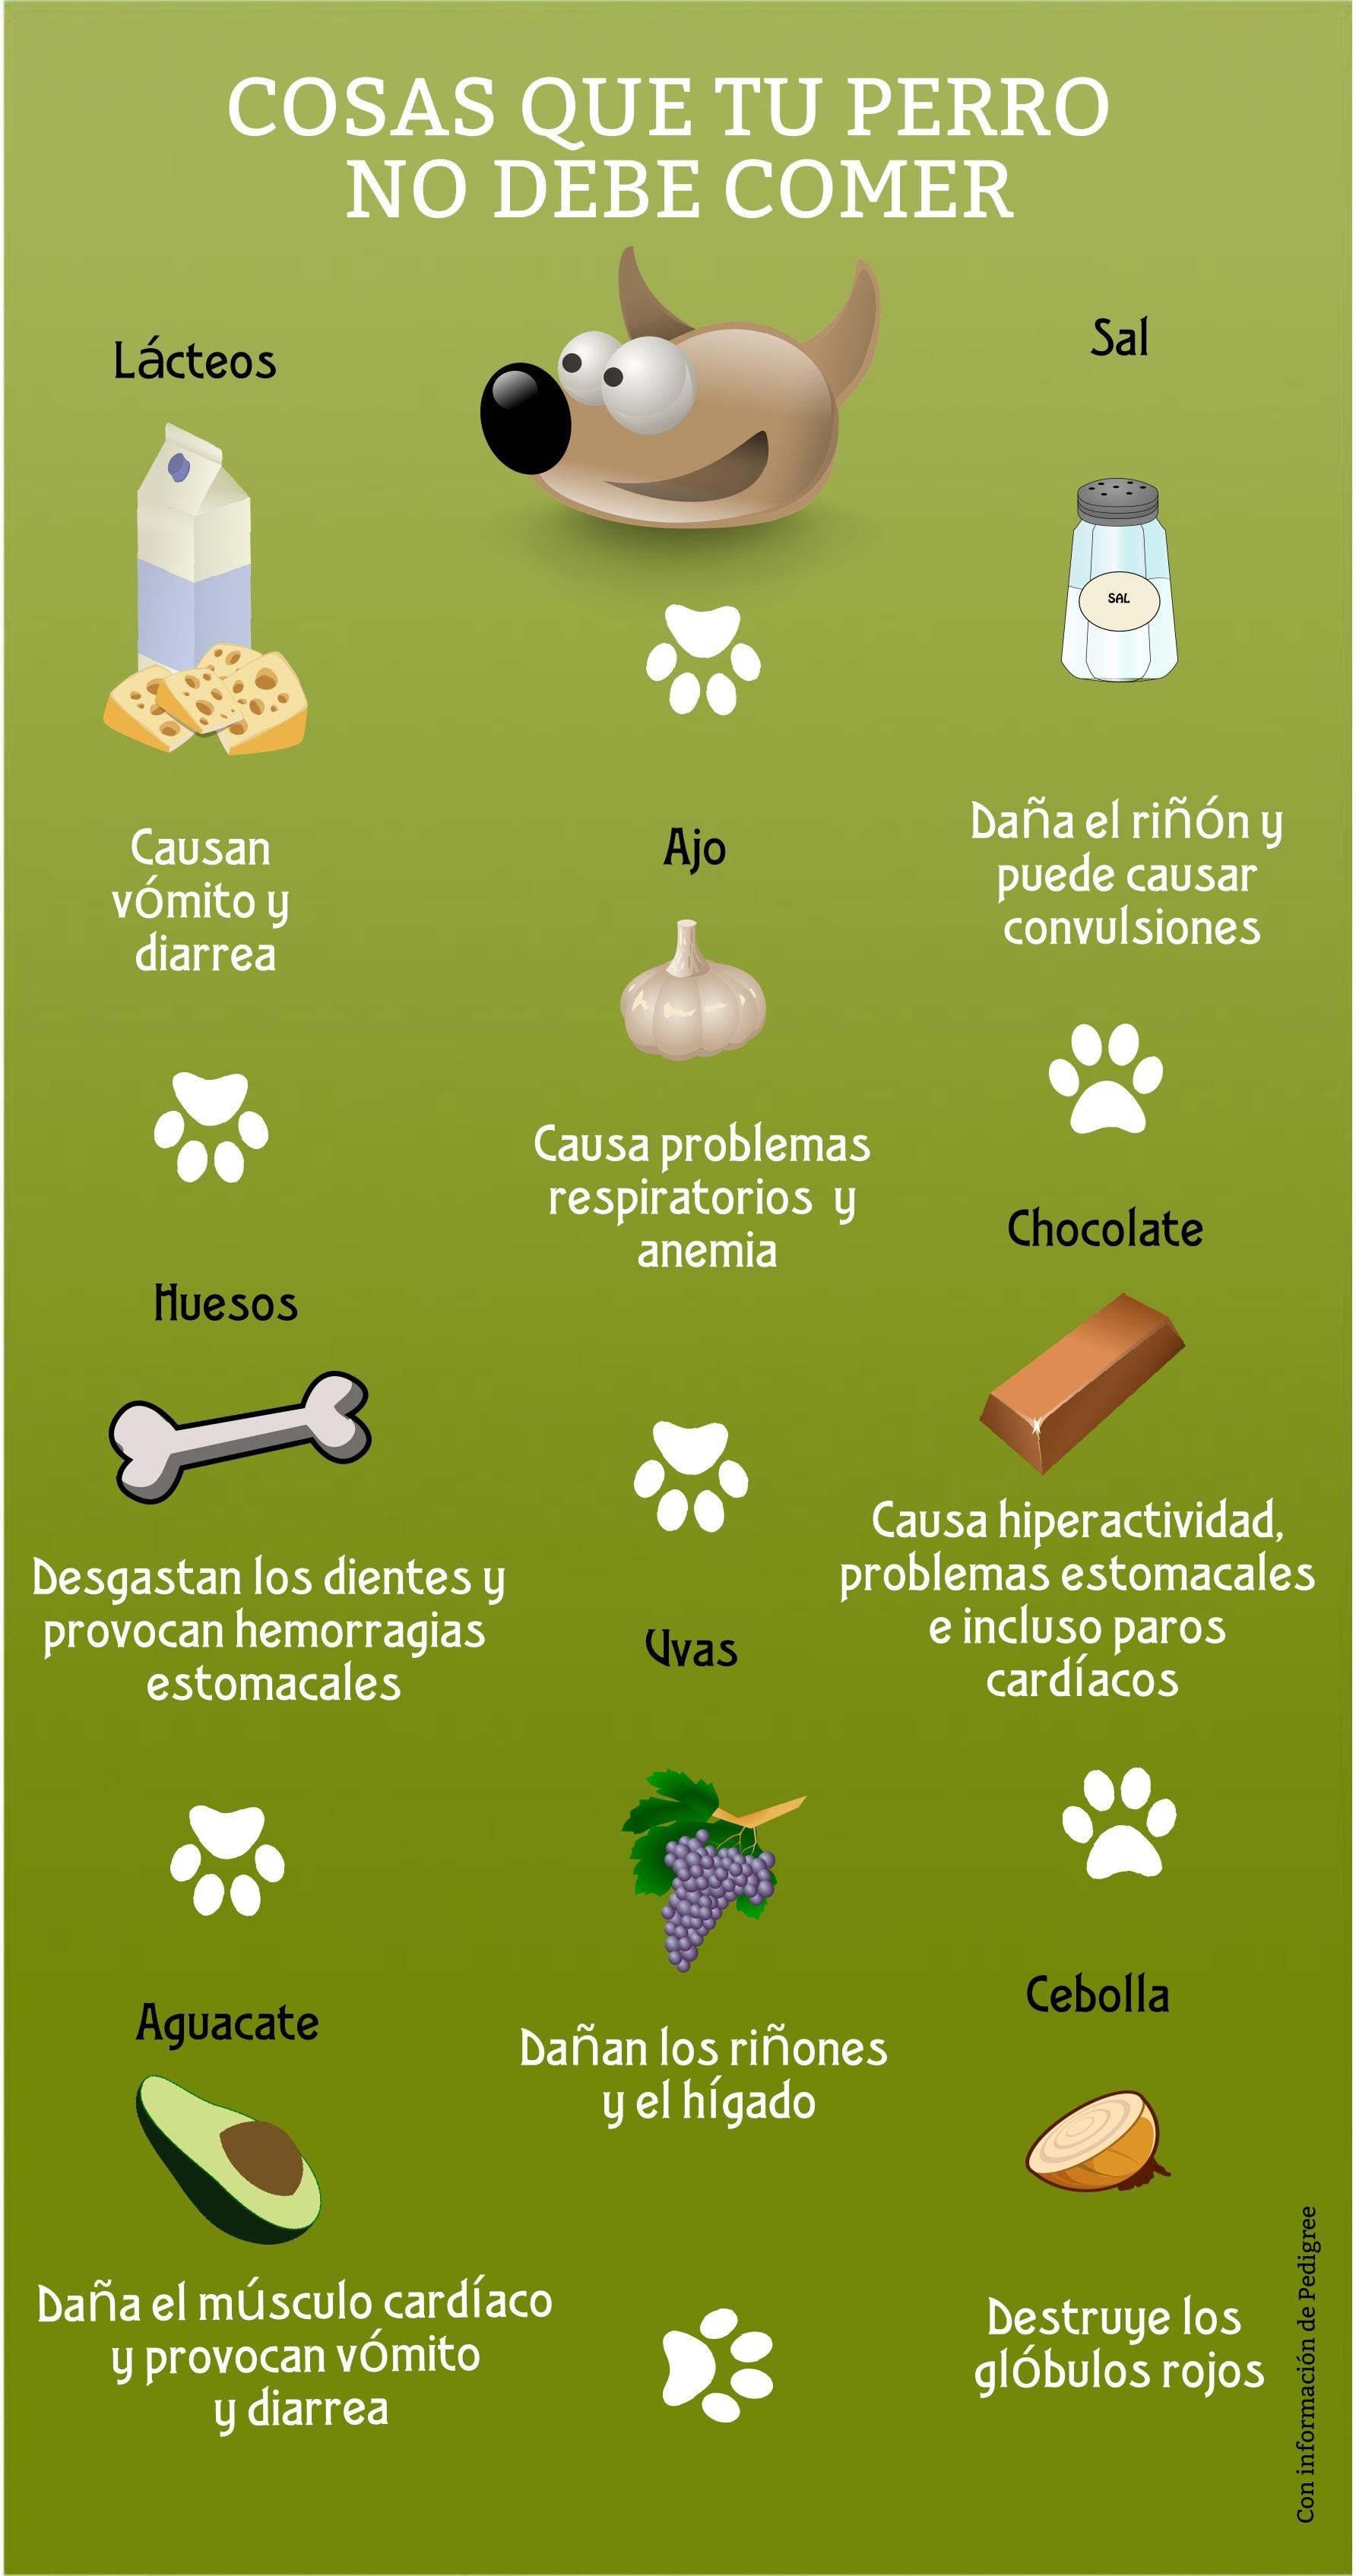 Resultado de imagen para los perros no deben comer chocolate